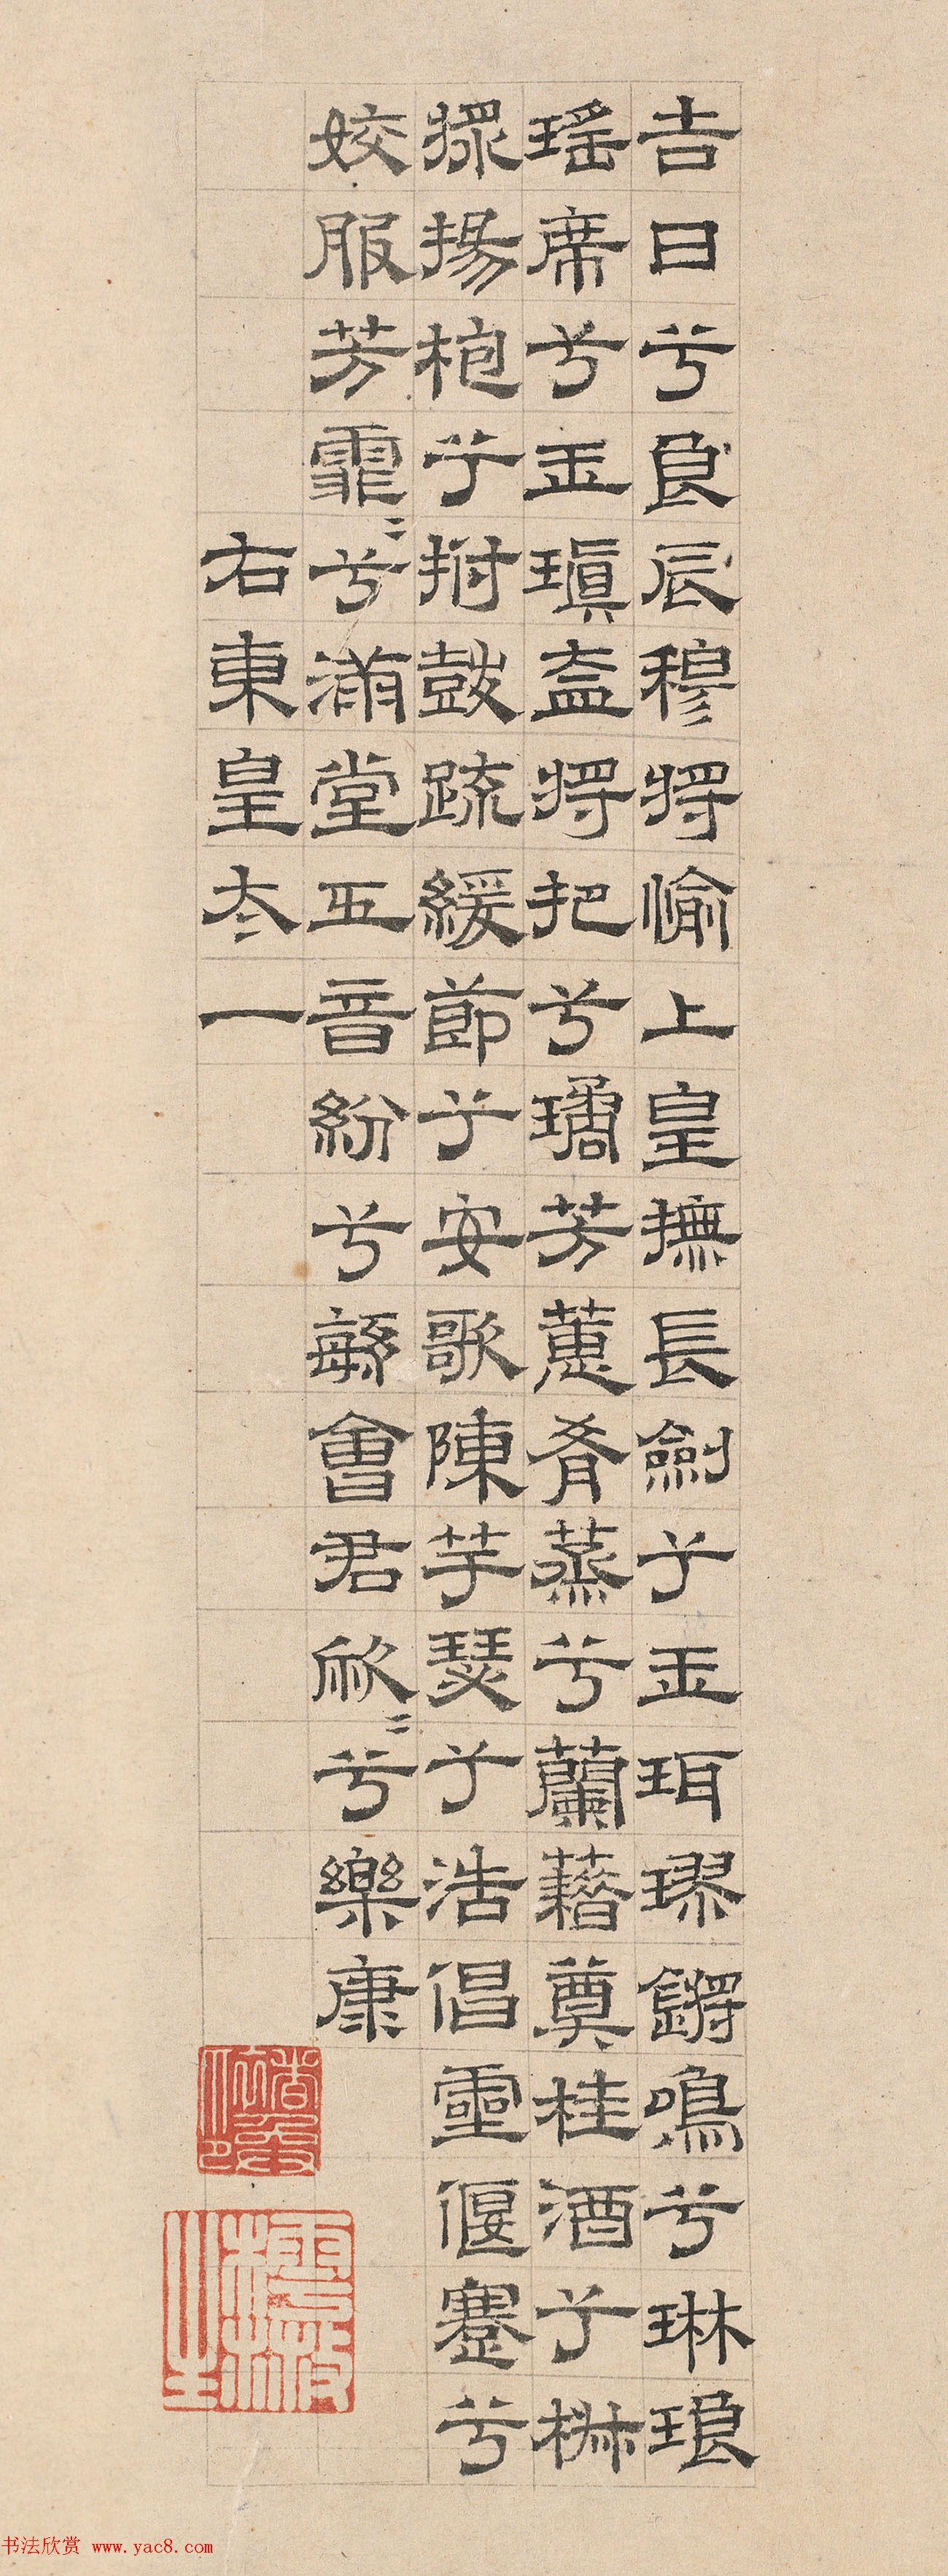 元代褚奂隶书题词《九歌图》